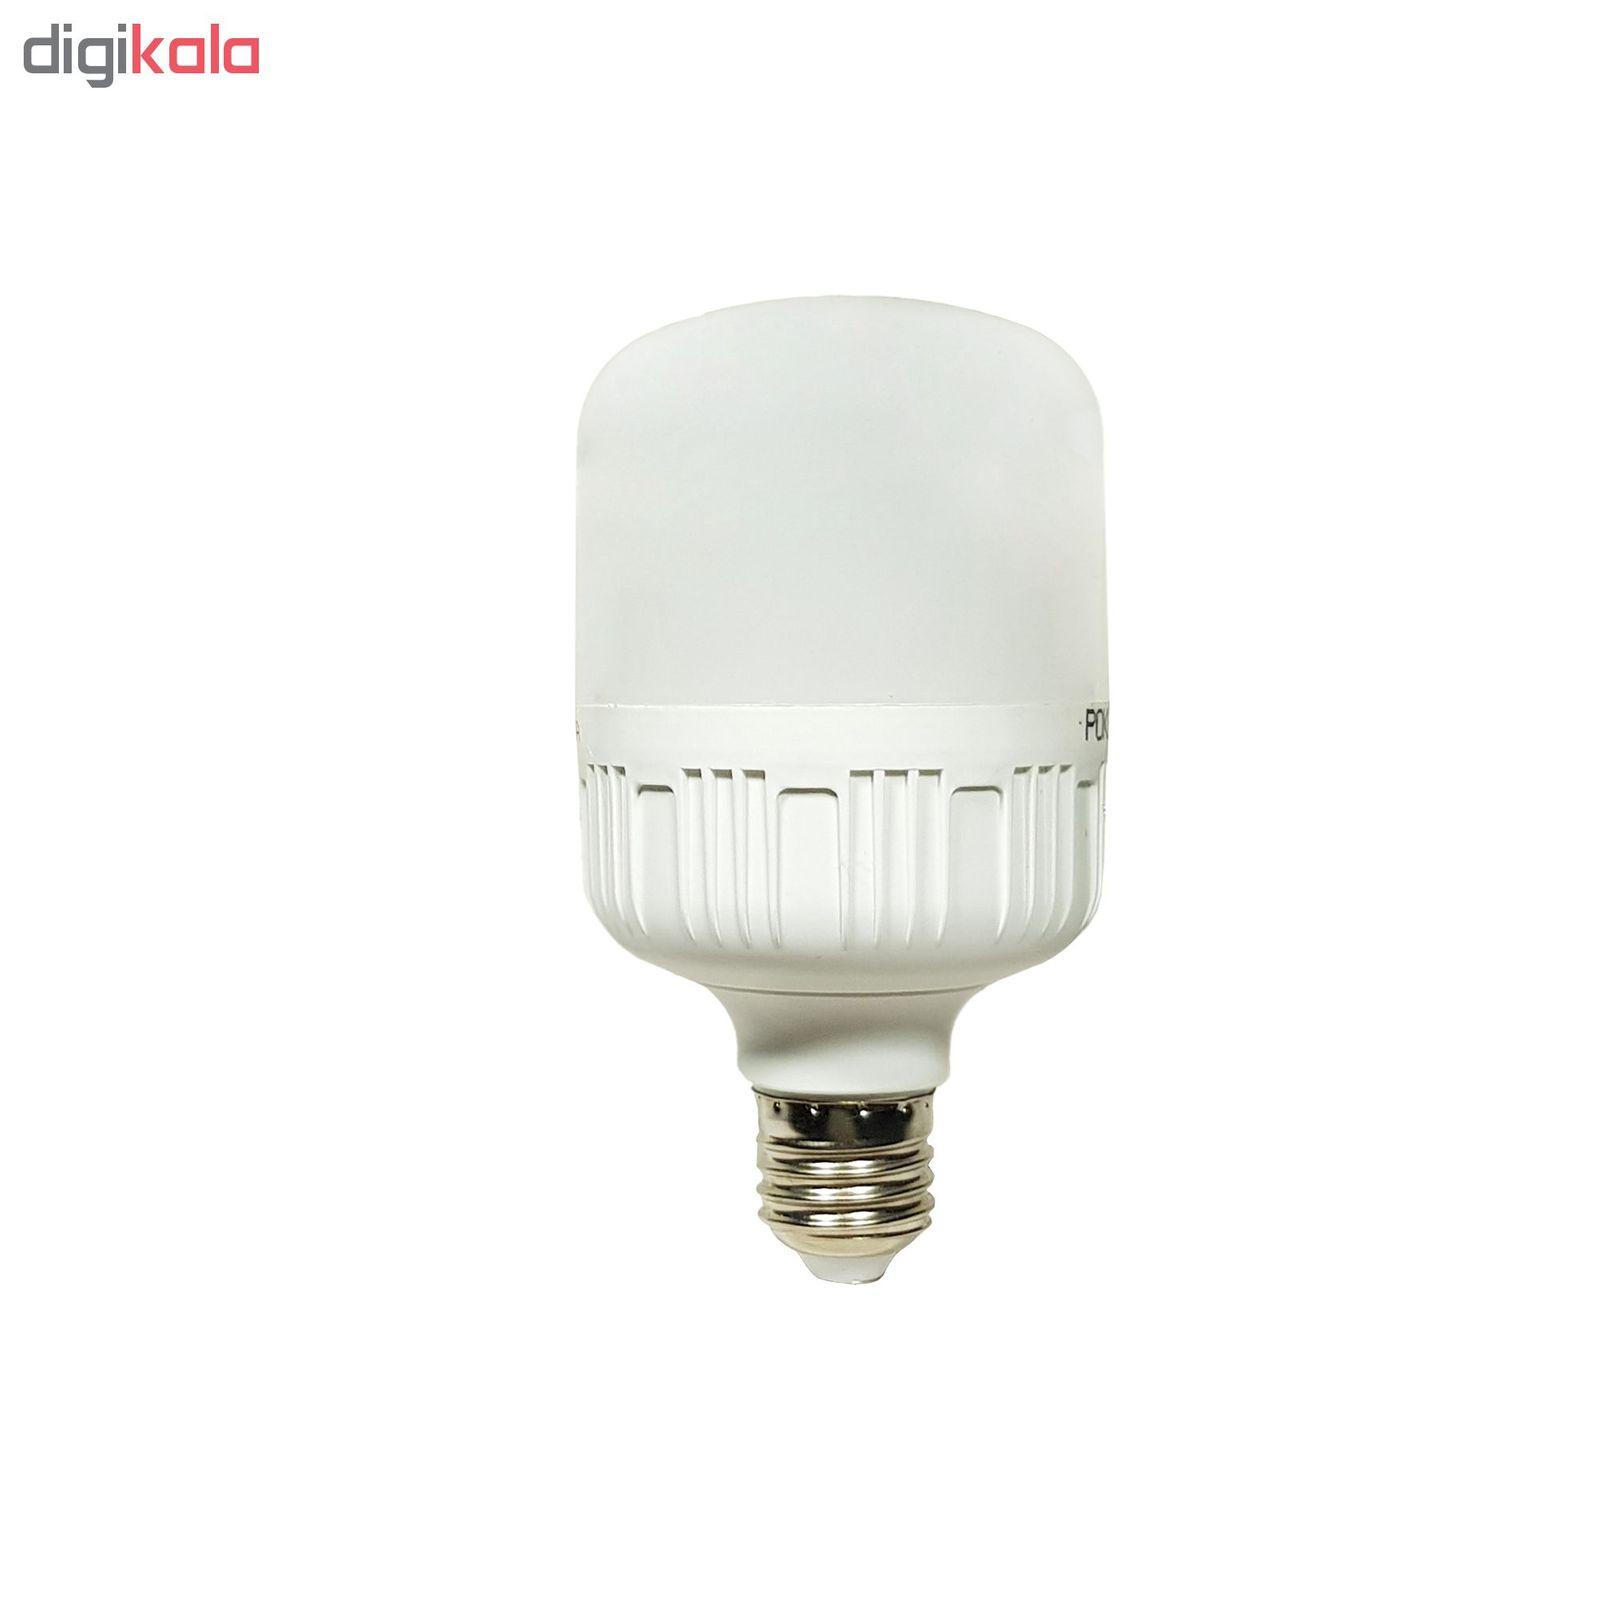 لامپ ال ای دی 50 وات پوکلا کد SH_5005  main 1 1